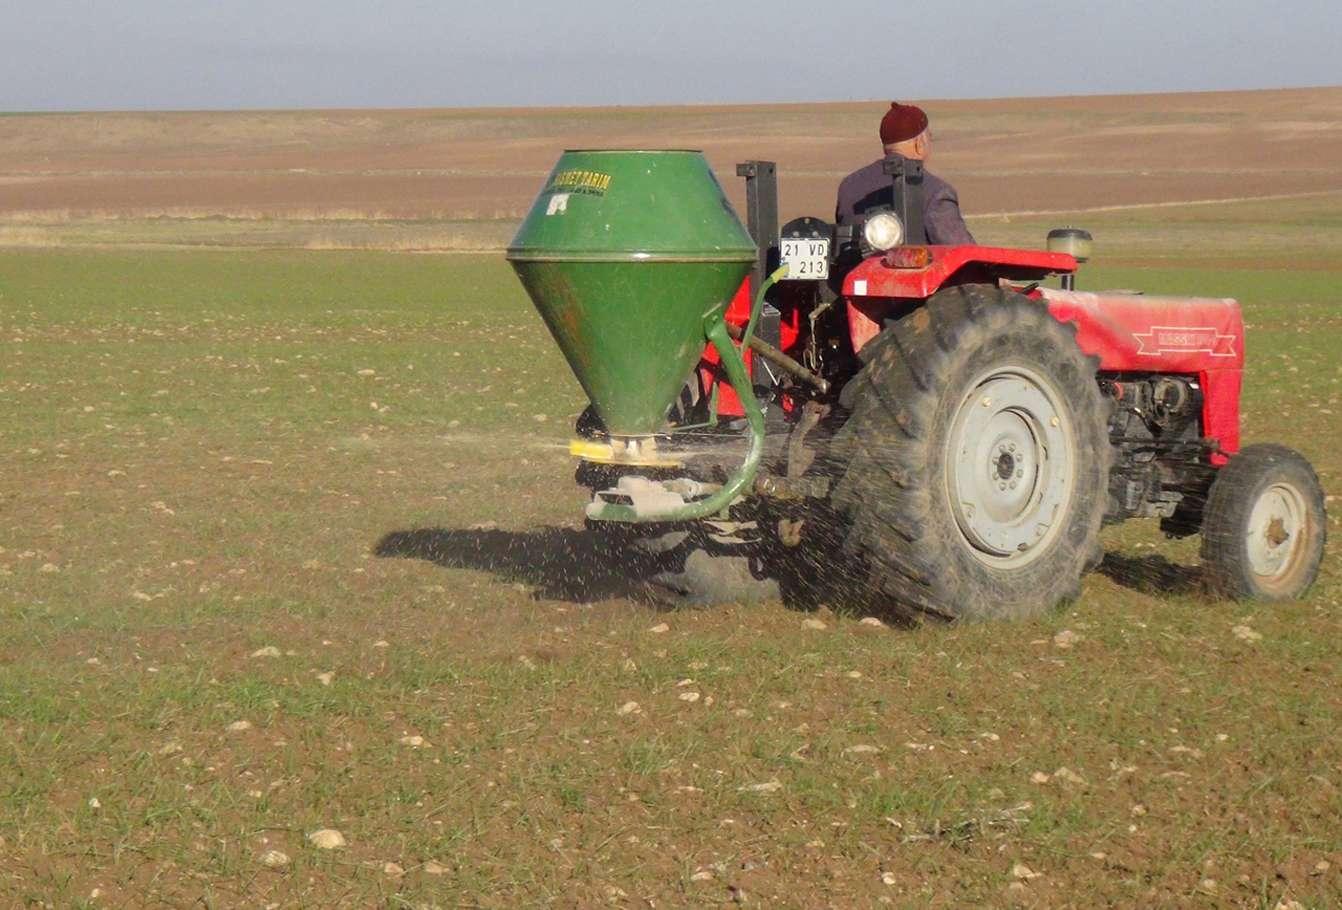 Tarım Ürünleri fiyat endeksi nasıl oldu? TÜİK verileri açıkladı